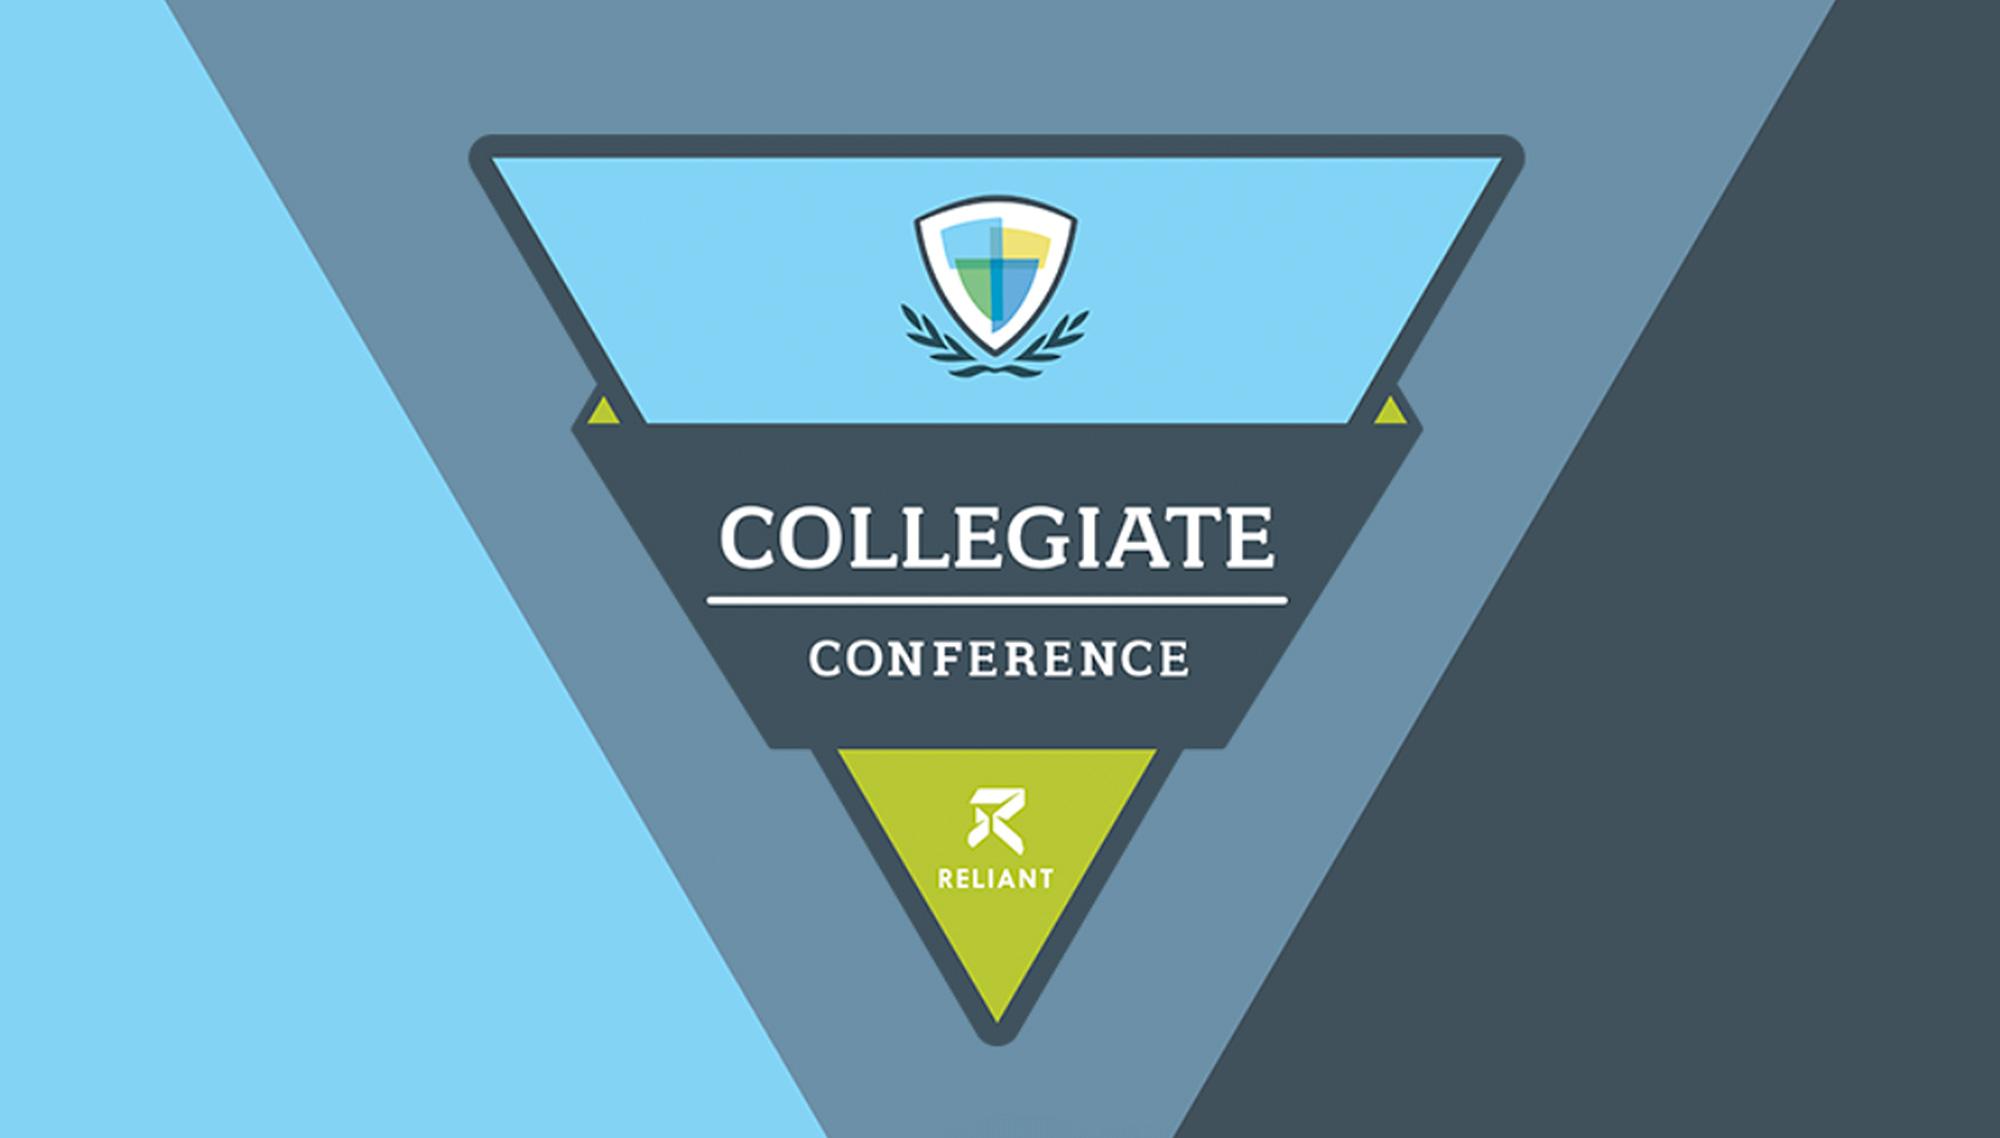 Collegiate Church Network